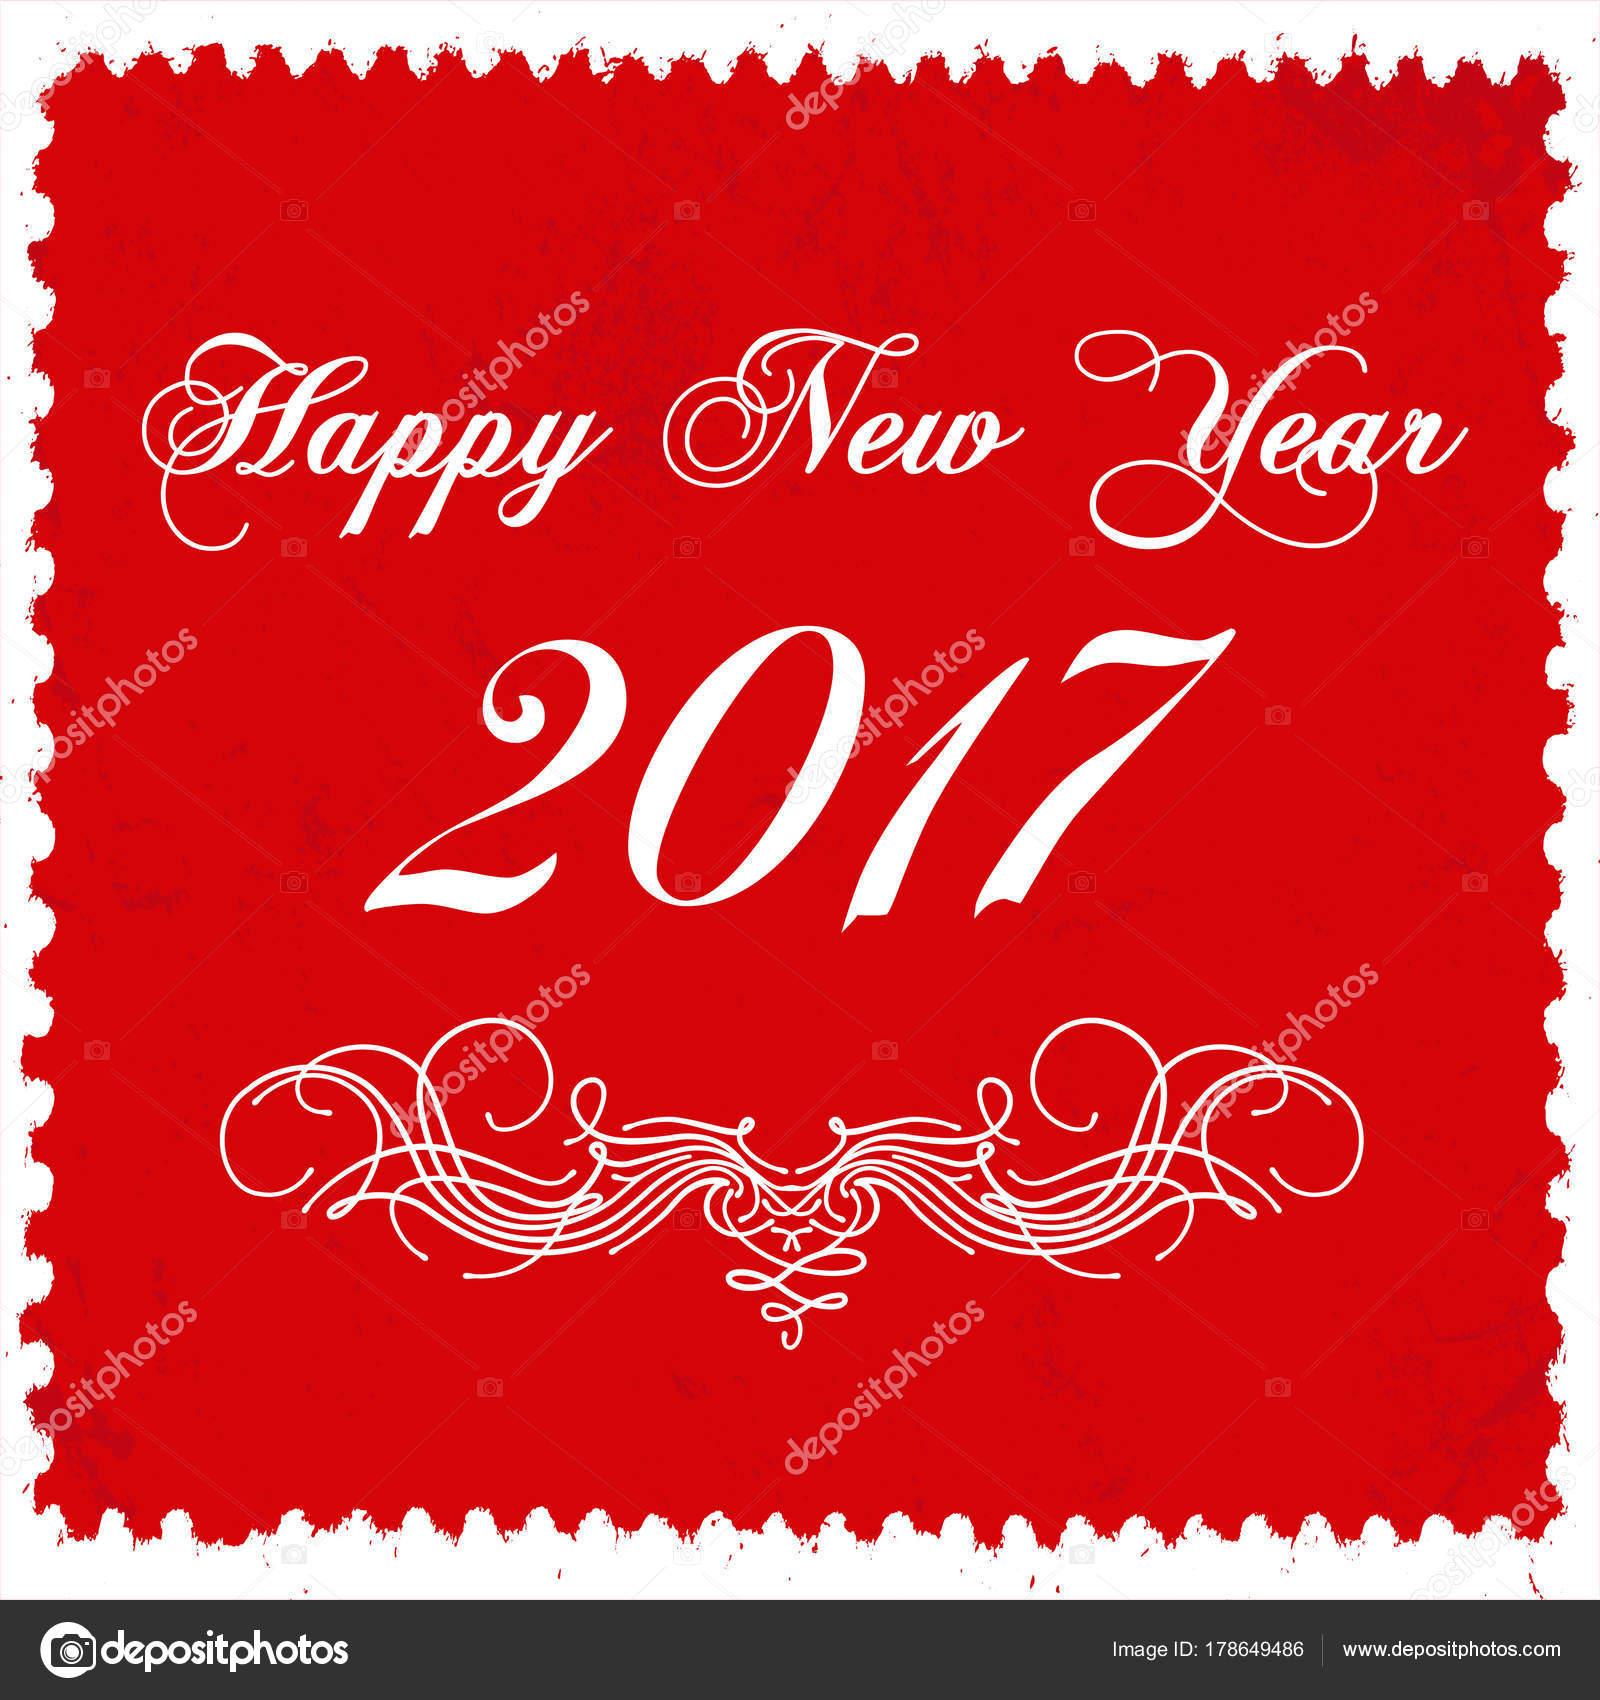 Ich wünsche Ihnen einen Frohe Weihnachten und Happy New Year Vintage ...